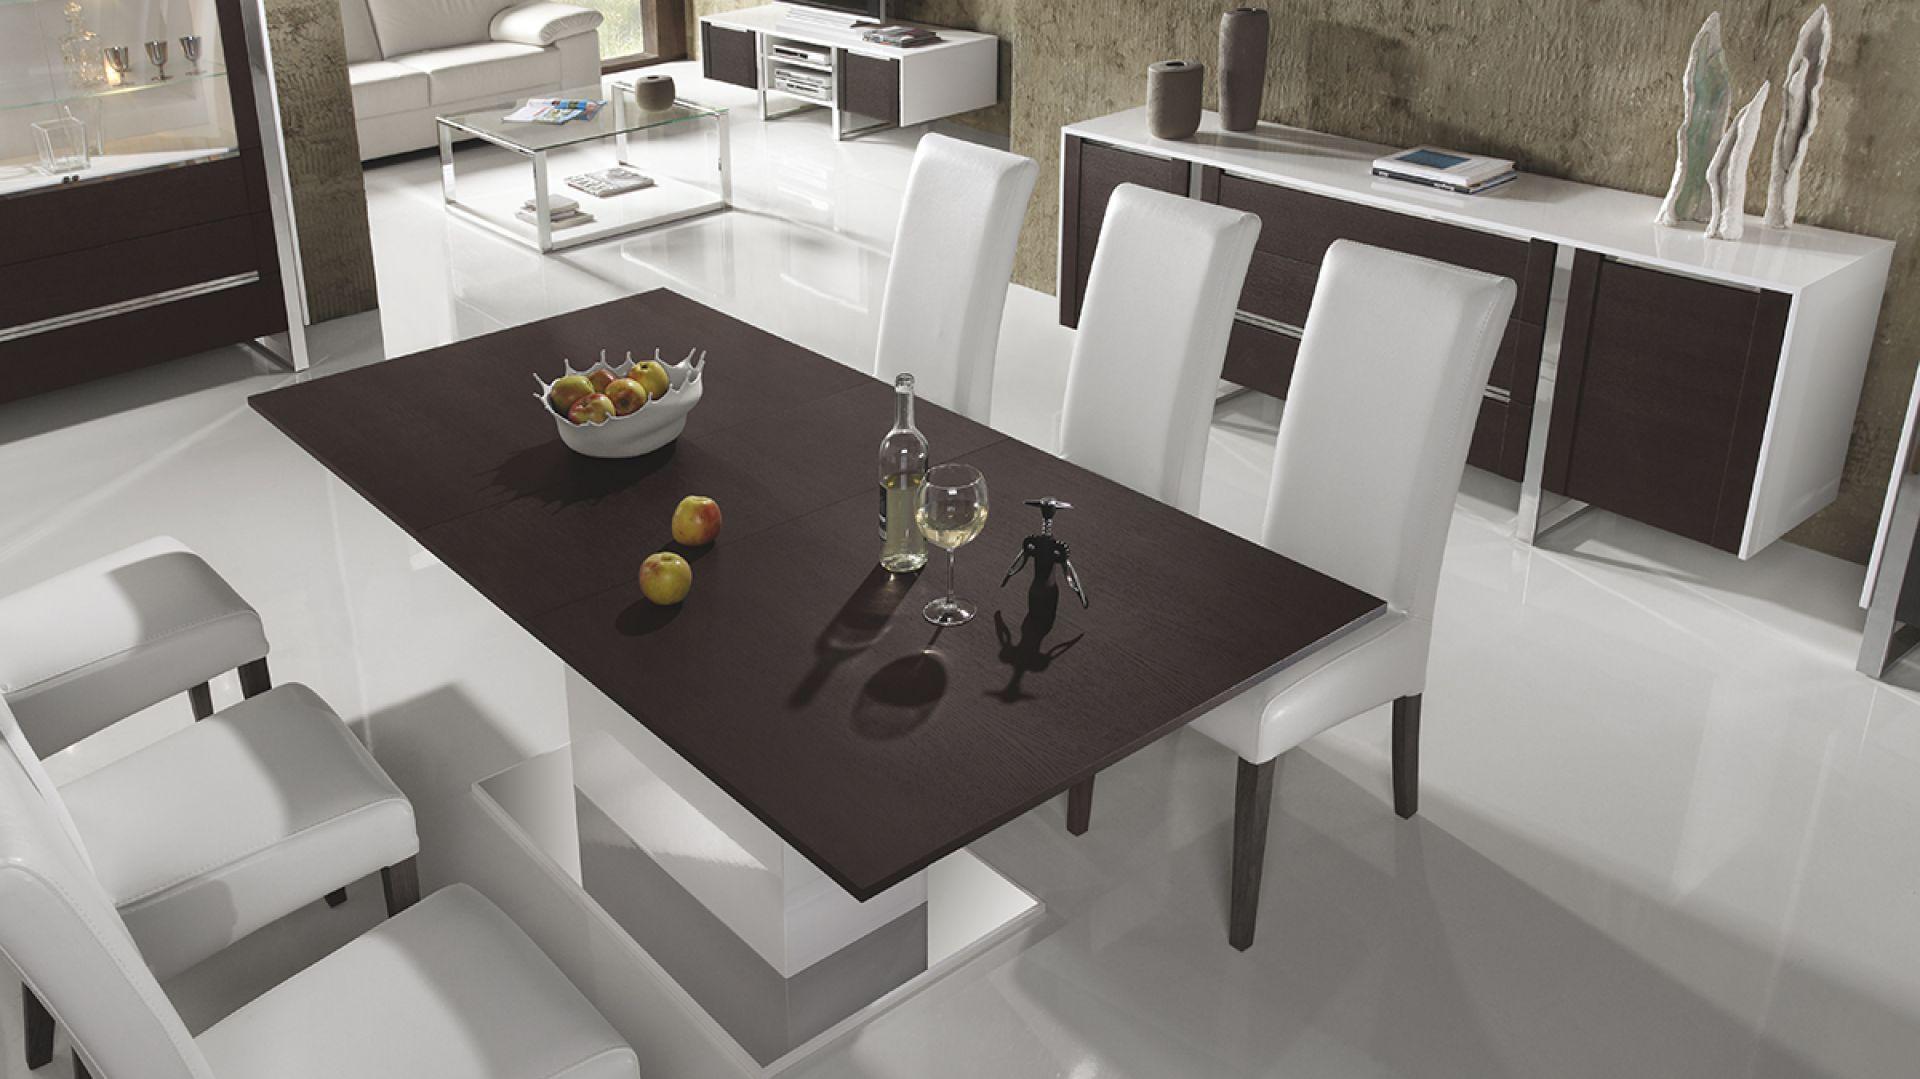 Art Vision to komplet białych mebli do jadalnianej części pokoju dziennego. Blat stołu i nogi w kolorze wenge dodają meblom charakteru. Fot. TC Meble.